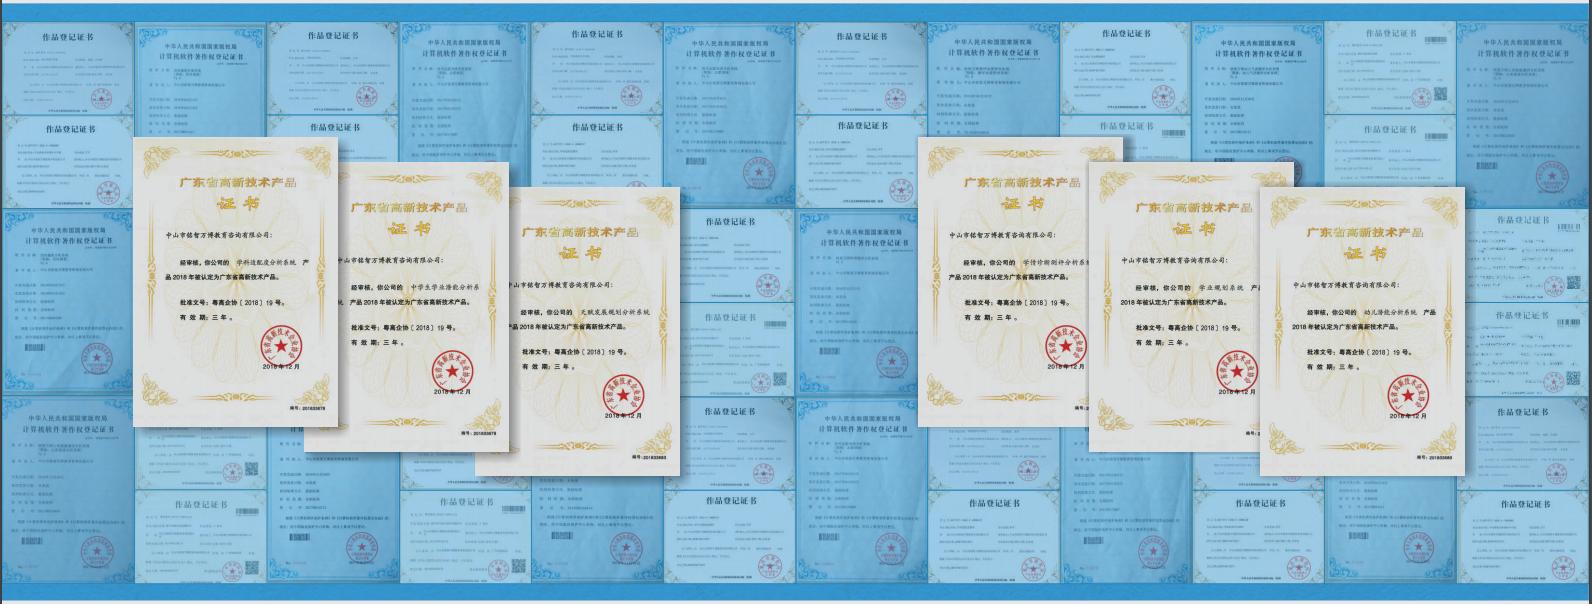 云鲸灵国际青少年儿童成长规划院证书墙